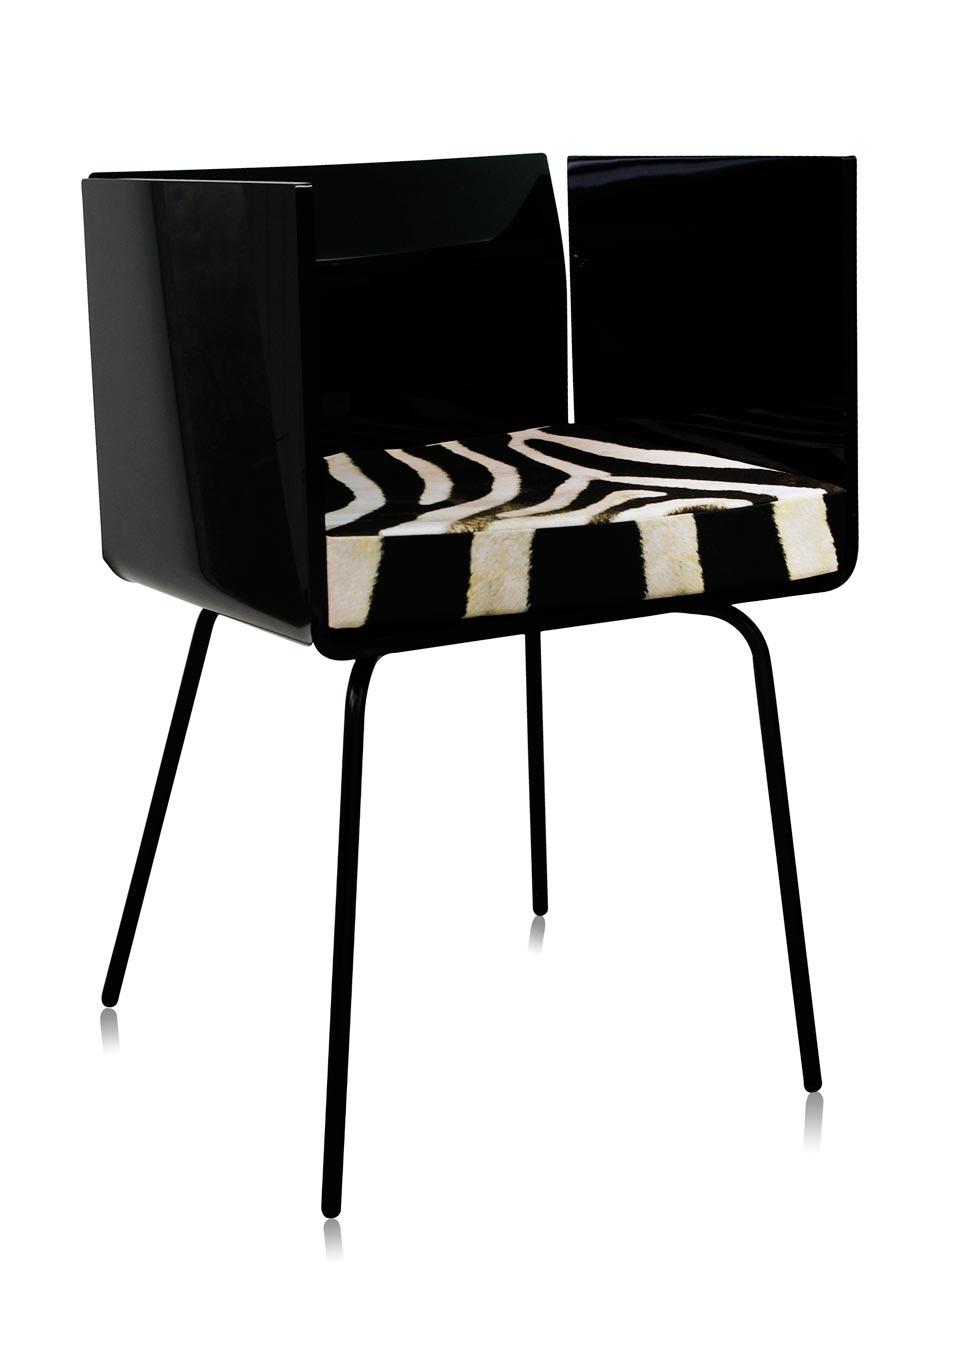 fauteuil cali noir acrila sp cialiste du plexiglas r f. Black Bedroom Furniture Sets. Home Design Ideas